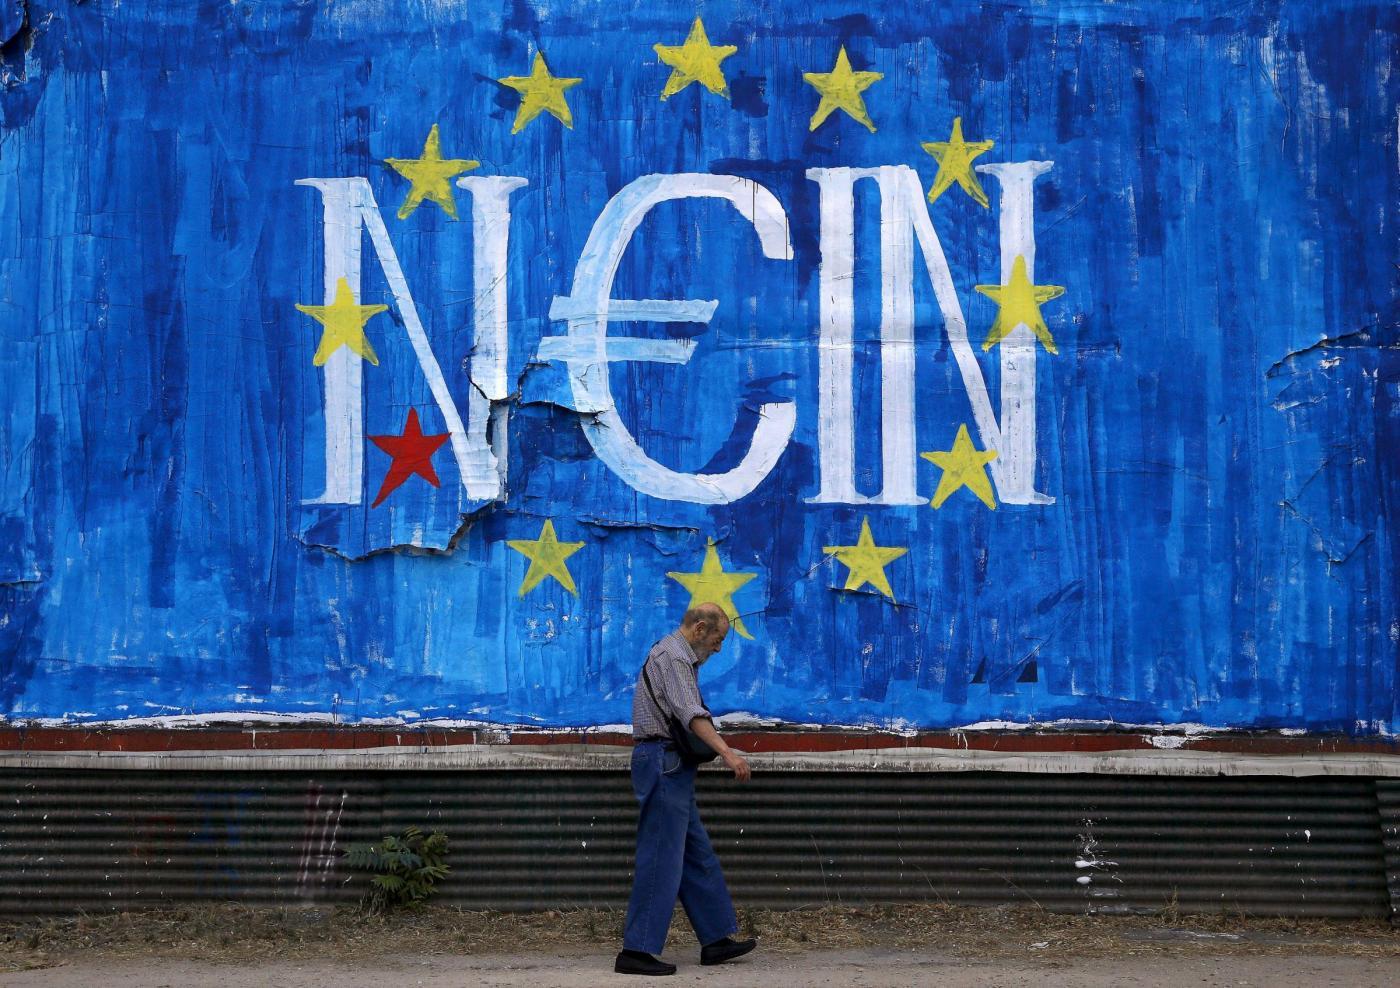 Cosa succederebbe all'Italia se la Grecia uscisse dall'euro?